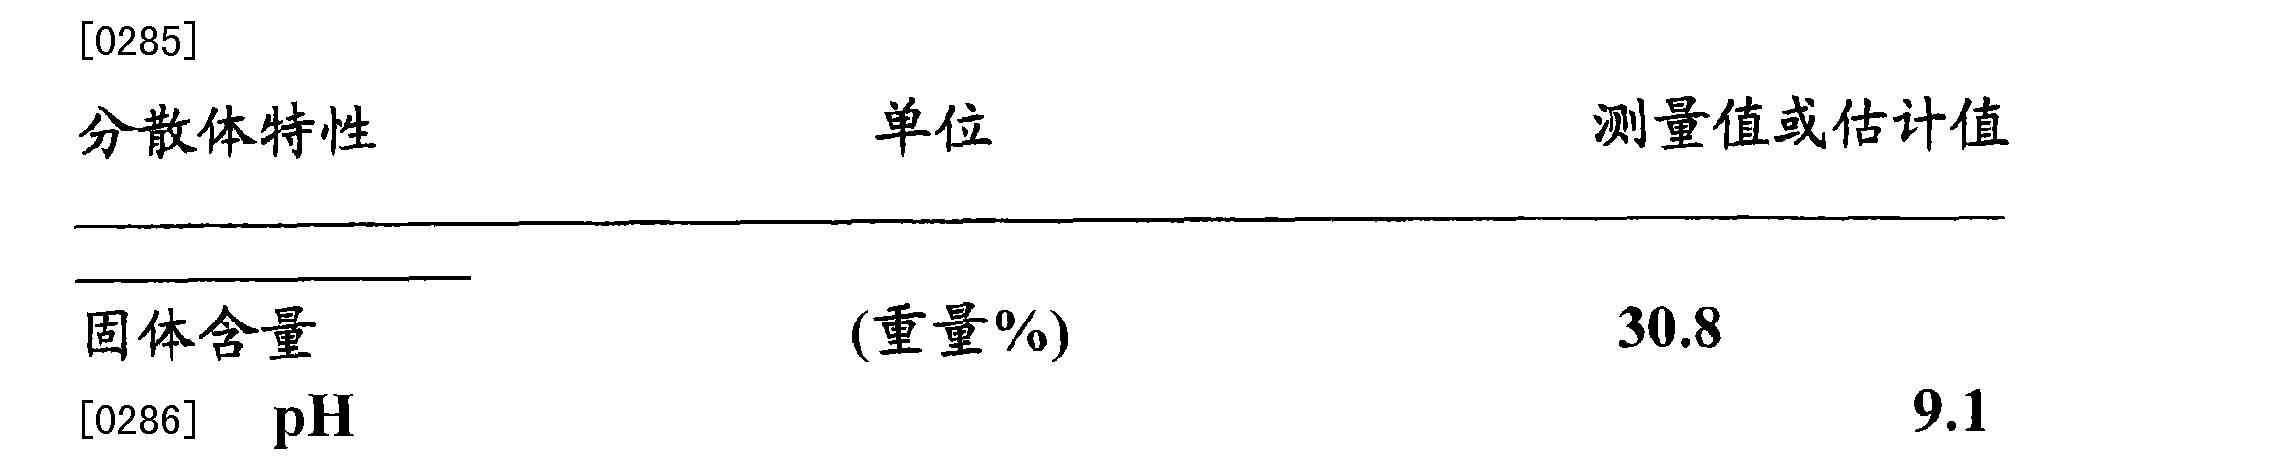 Figure CN101778870BD00293